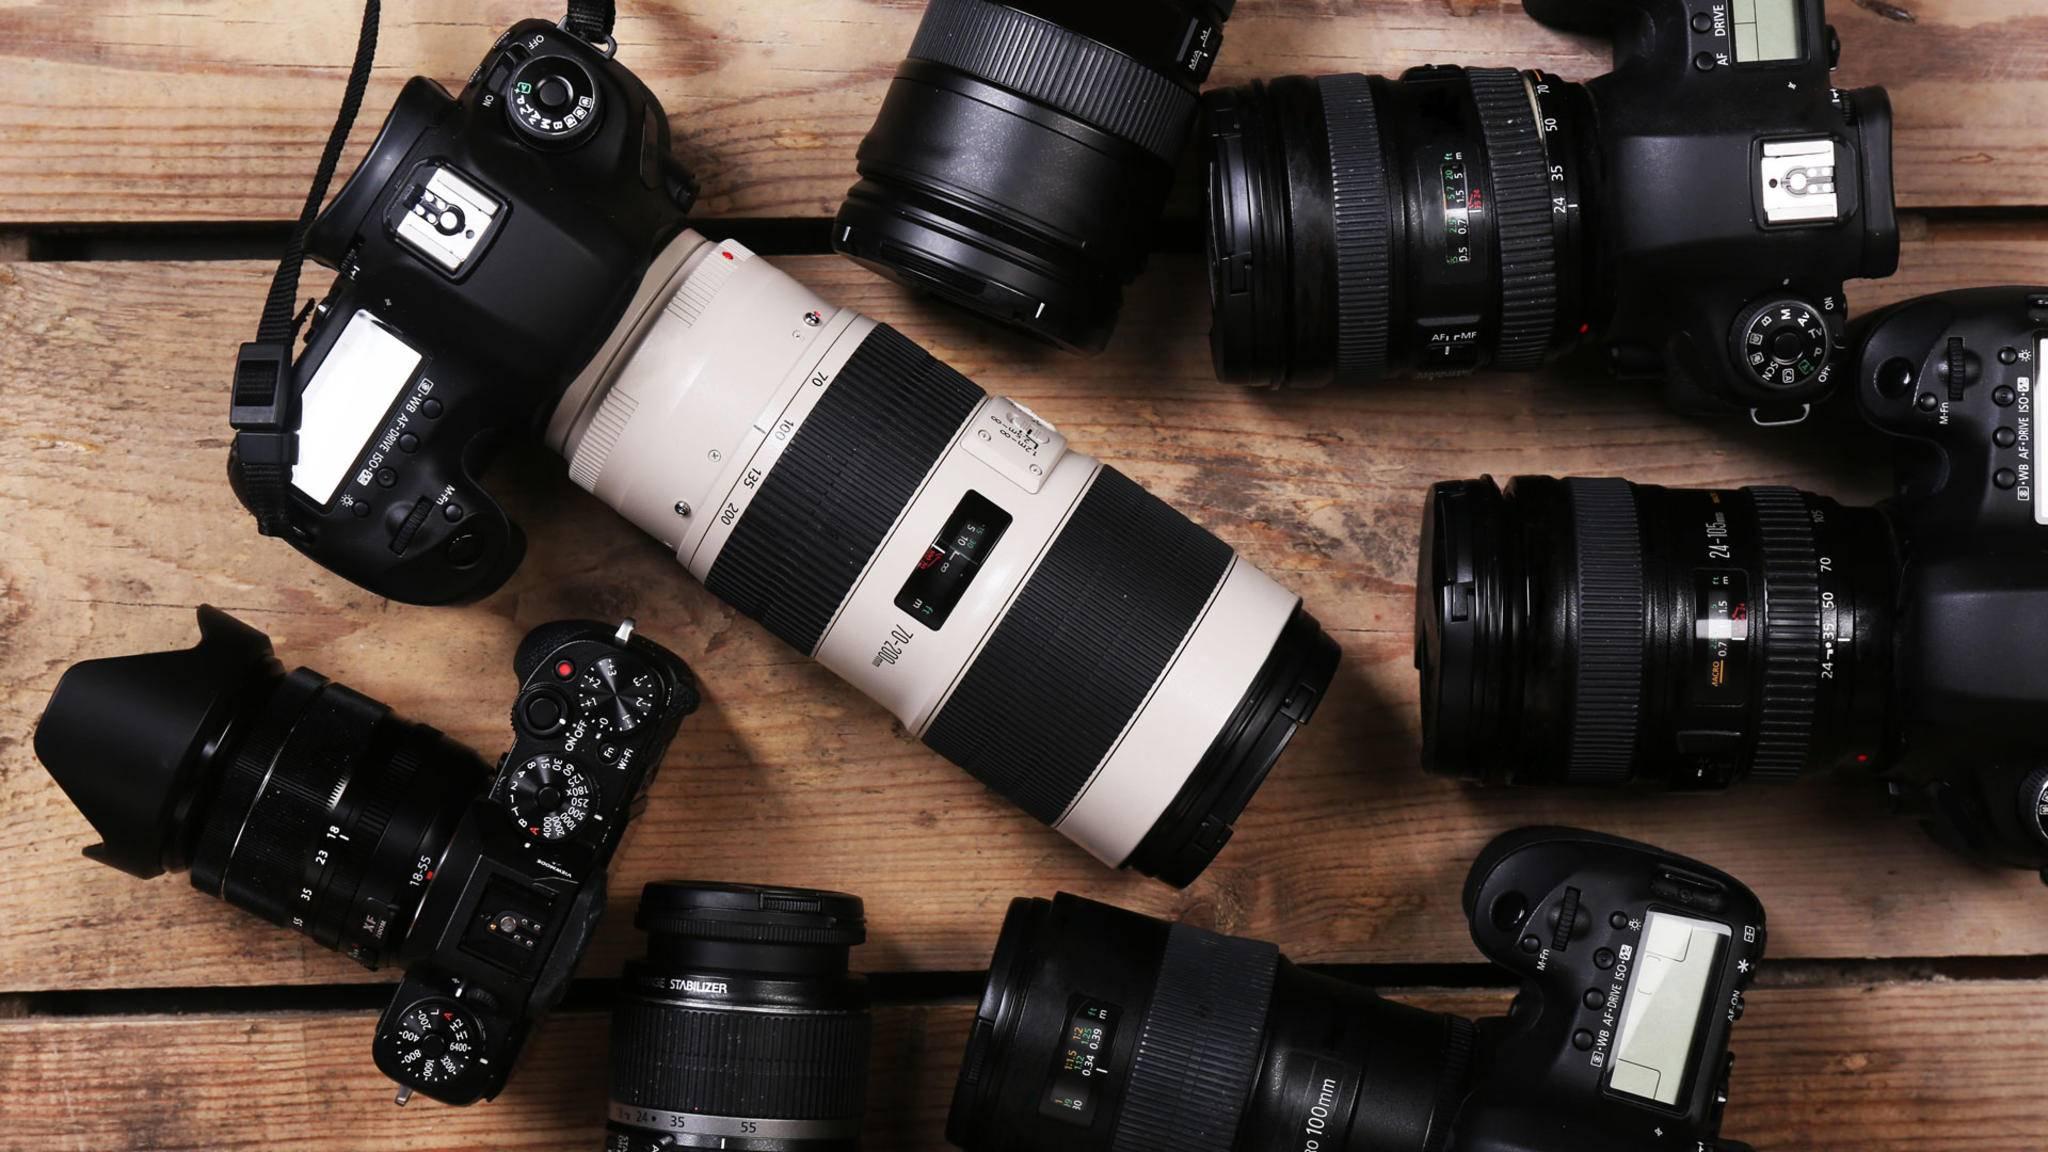 Kamera kaufen: Es gibt für jeden Fotografier-Typen das passende Modell.